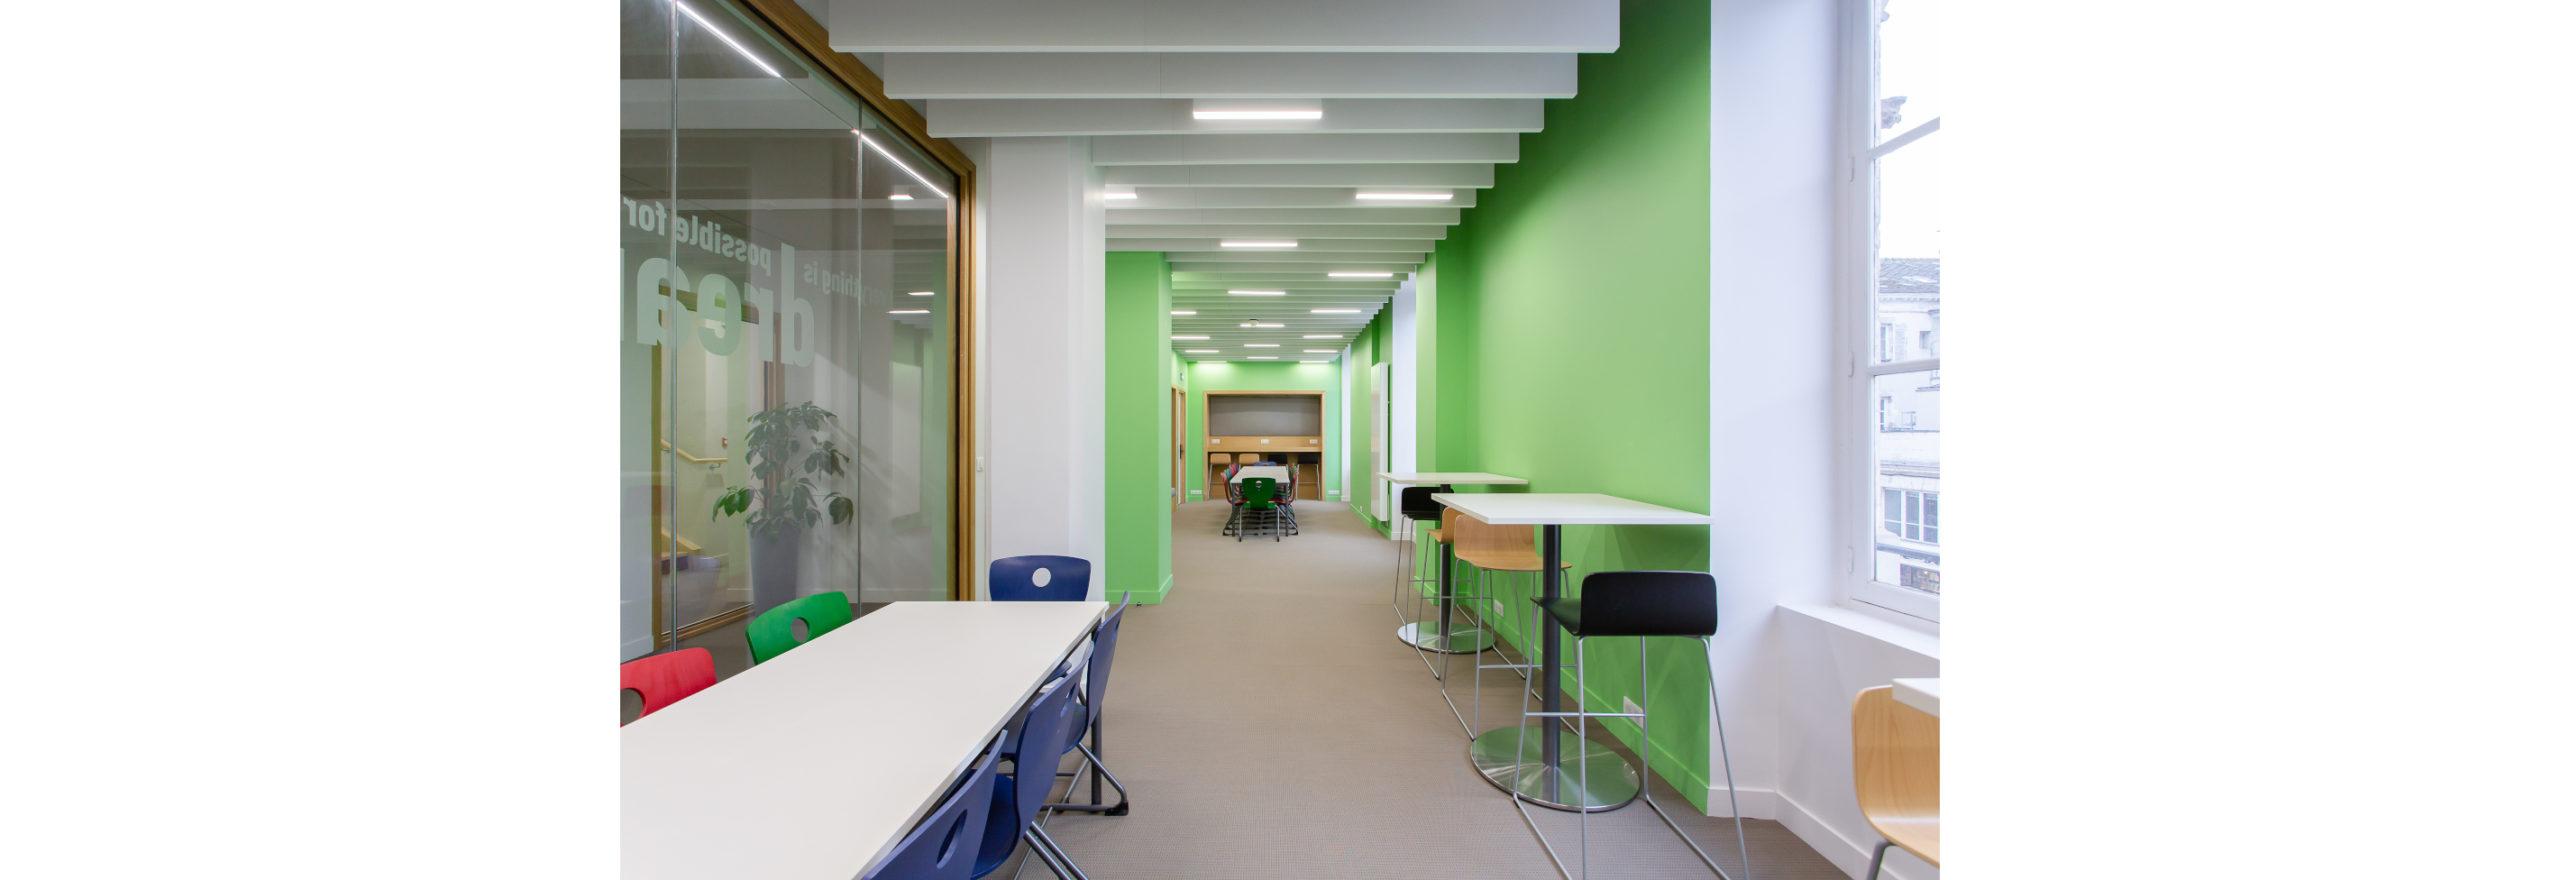 Ecole supérieure de commerce ISC – Campus d'ORLEANS